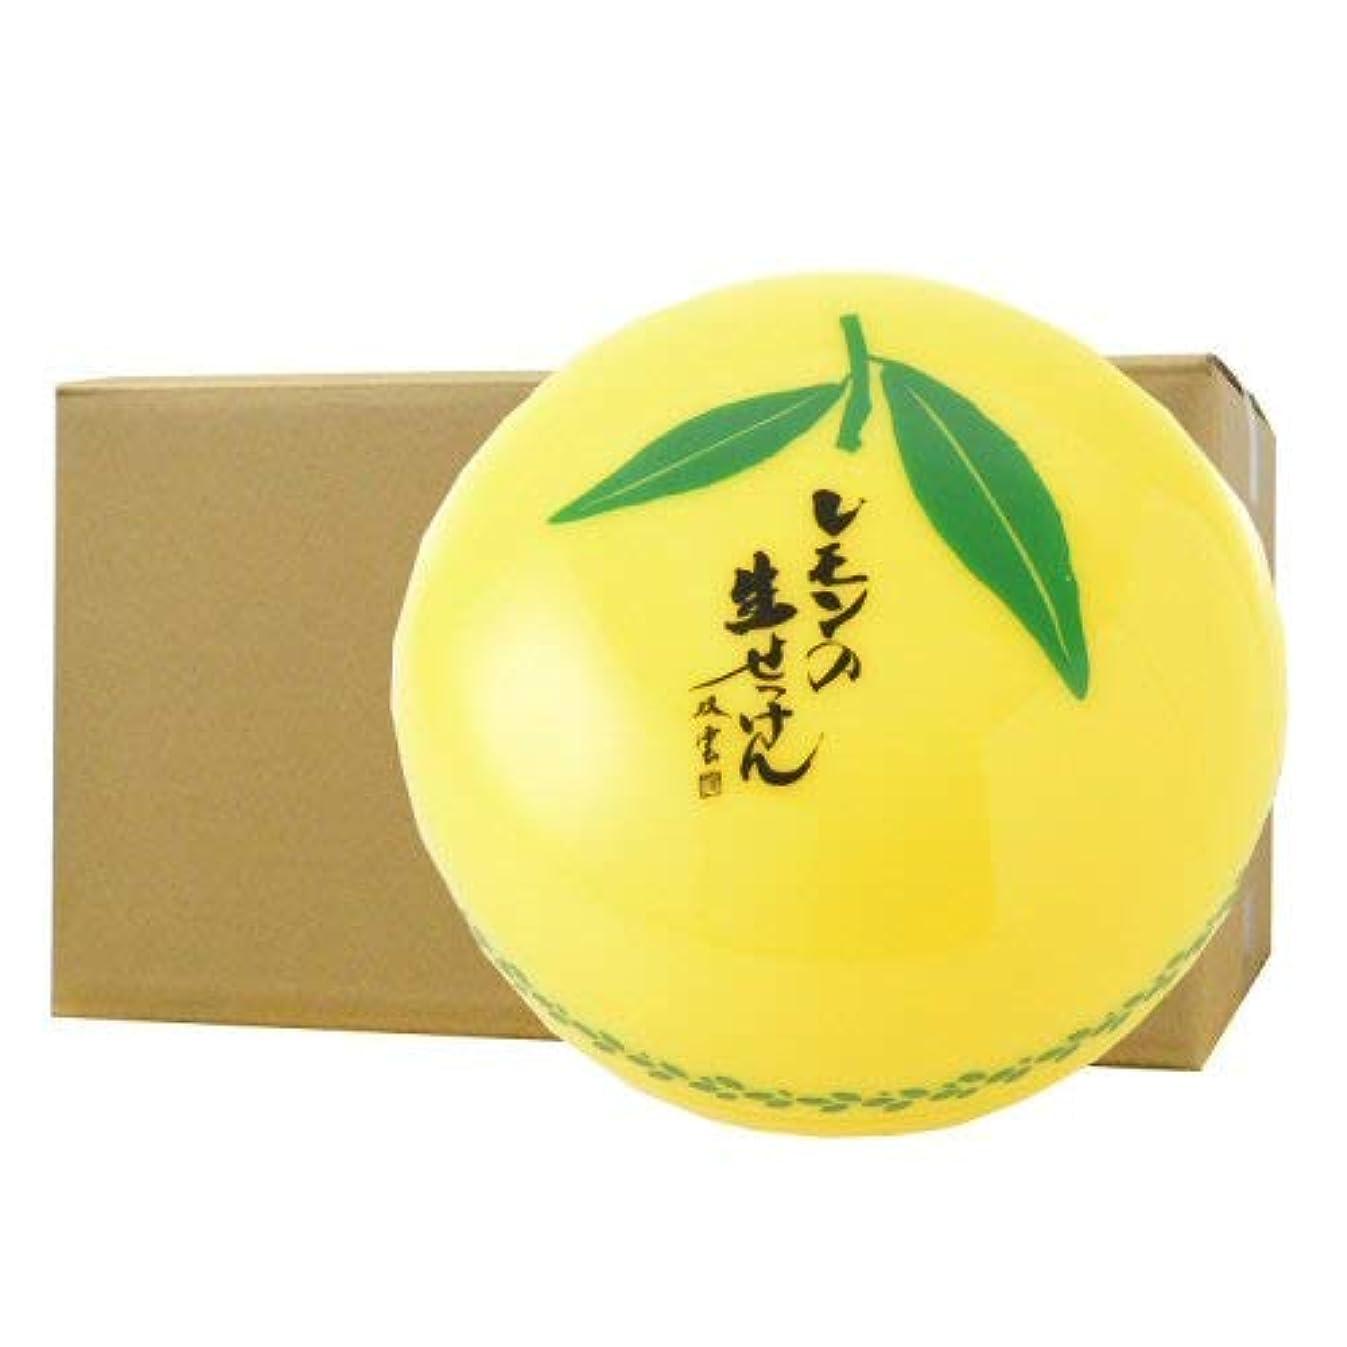 宝石気体のどきどき美香柑 レモンの生せっけん 洗顔石けん 無添加 スパチュラ・泡立てネット付 大容量 120g×24個ケース